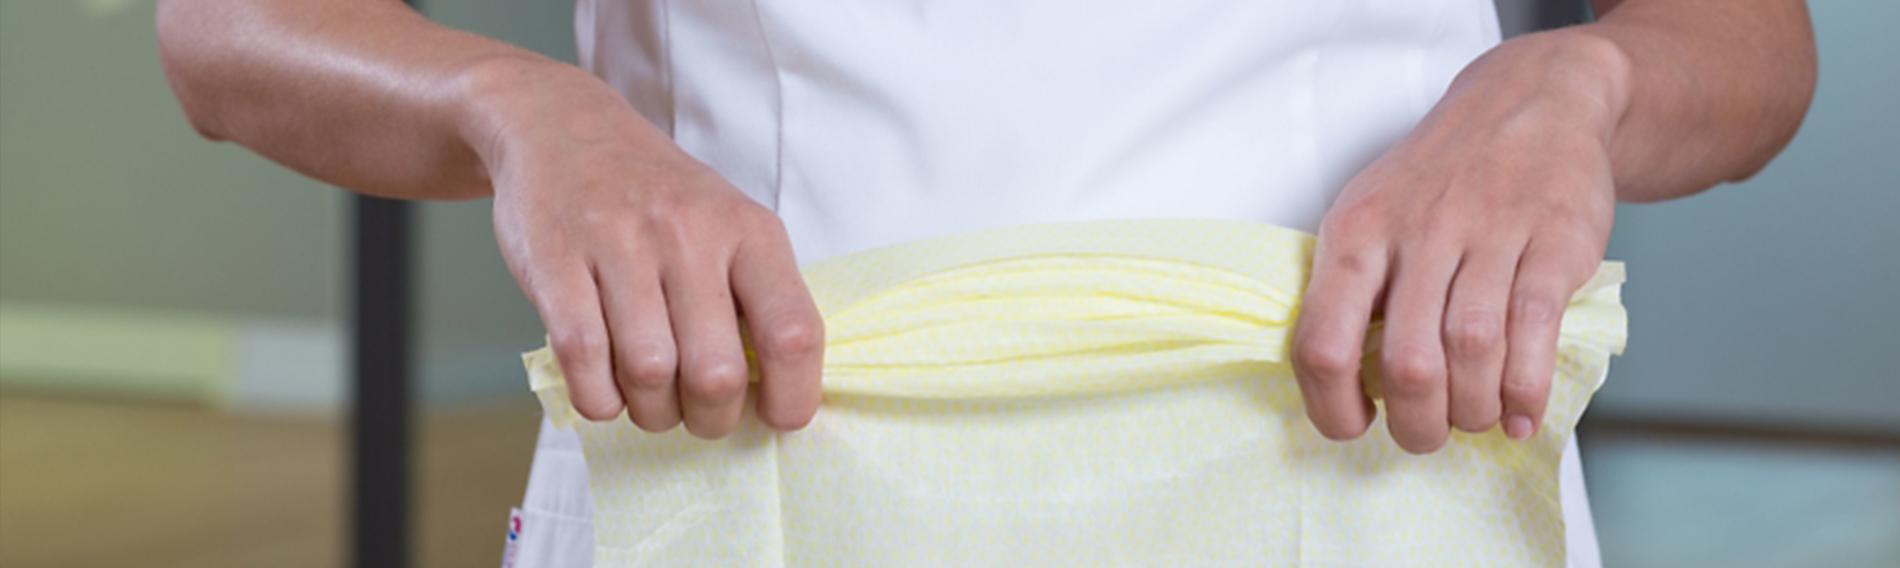 Dust Cloth Folding Technique